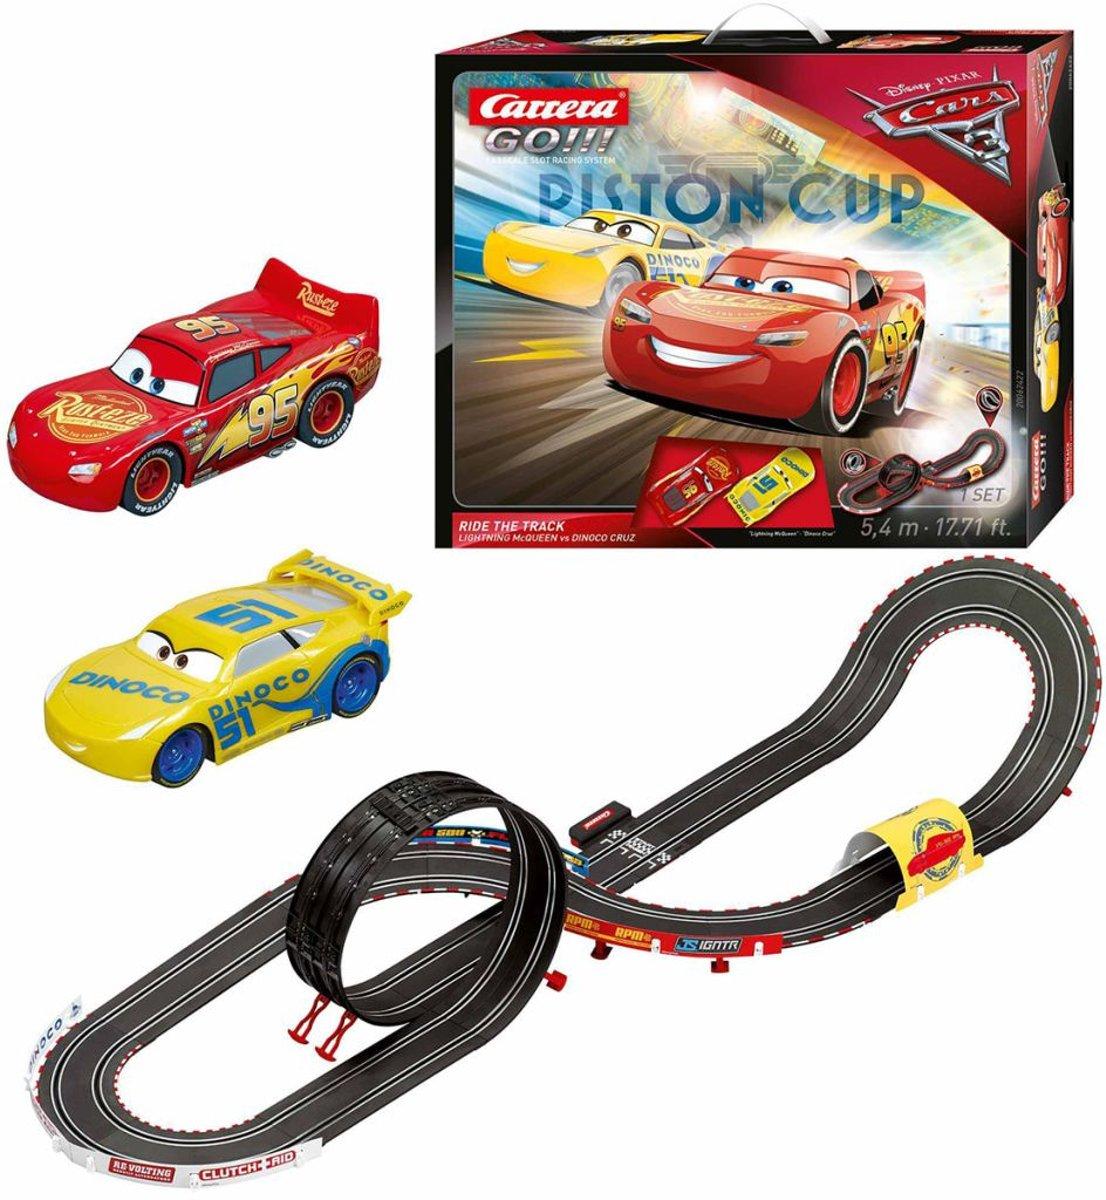 Carrera GO!!! Racebaan Cars 3 Ride, Schaal 1:43